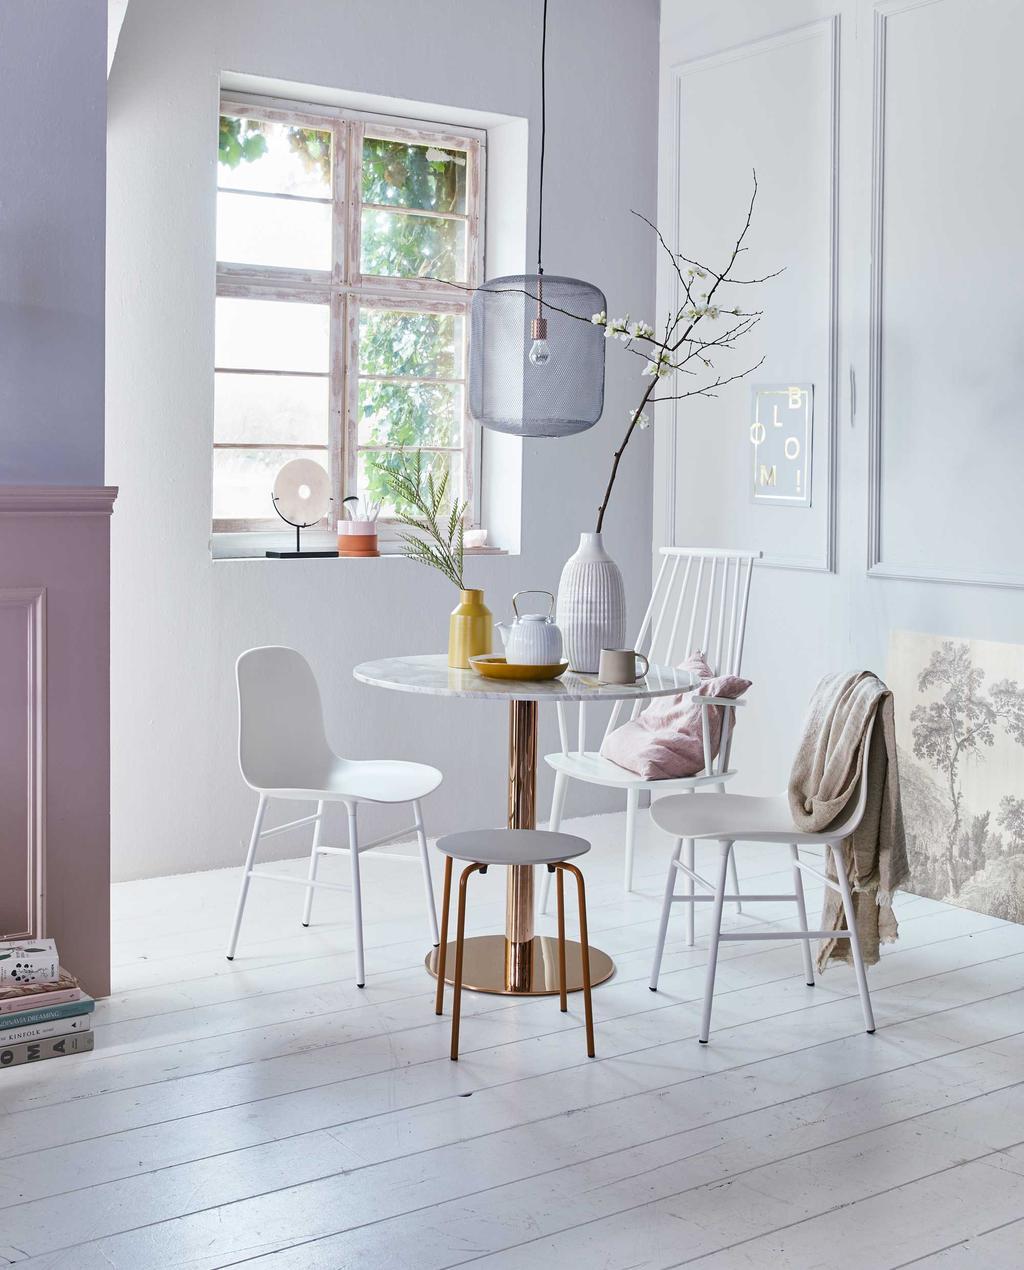 Een eetkamer met witte ronde tafel en witte stoelen